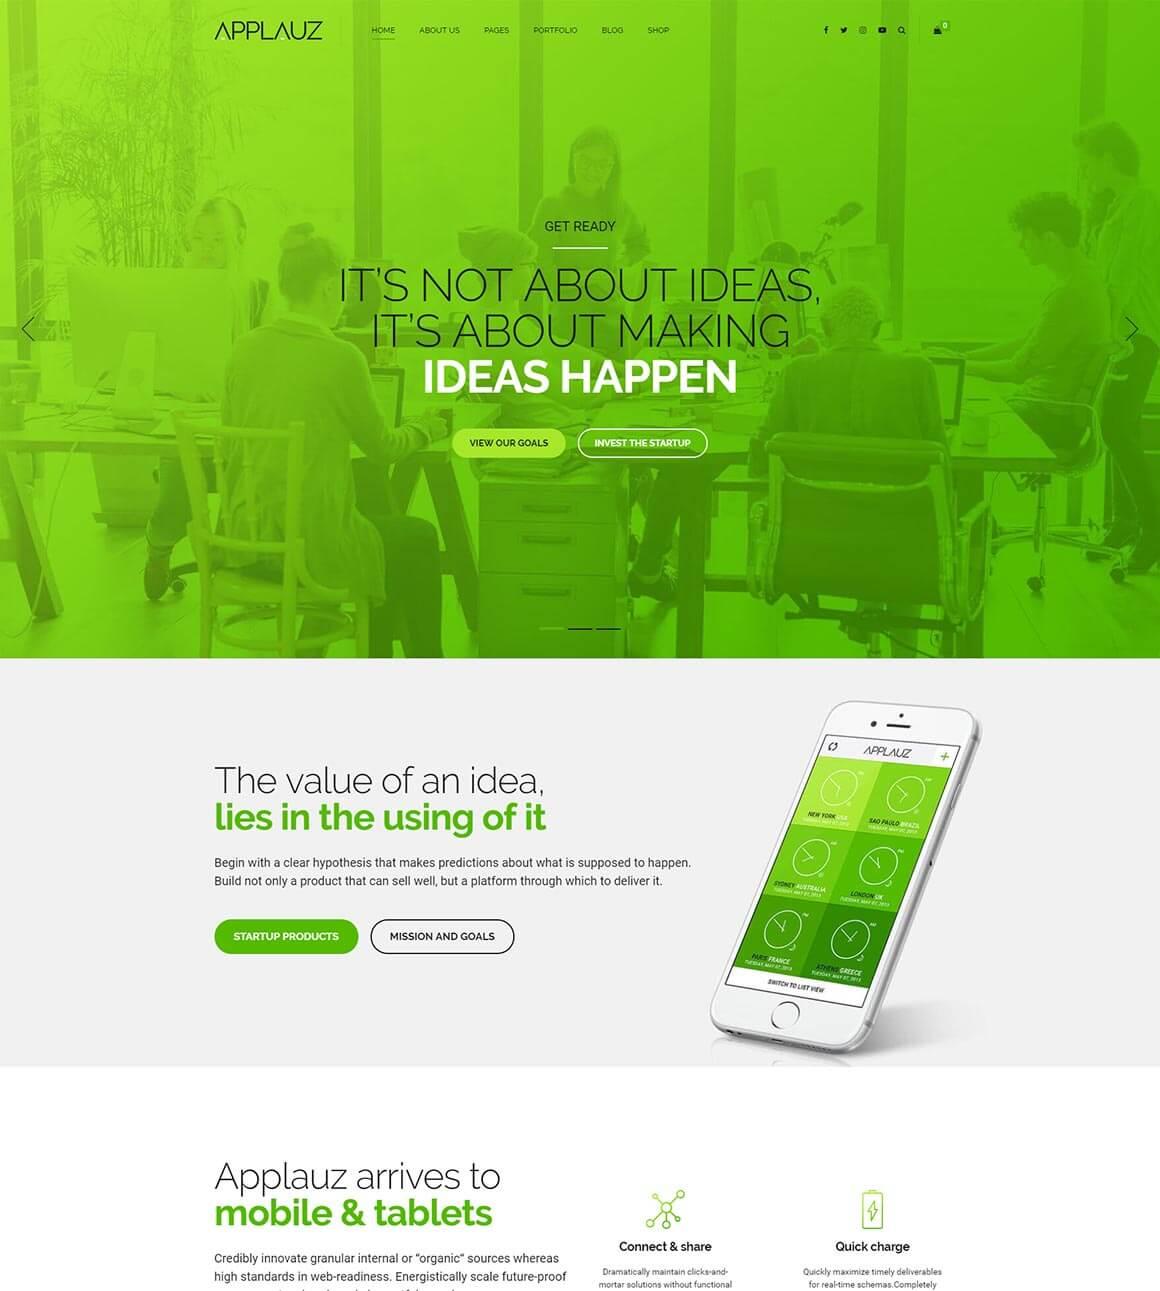 https://applauz.bold-themes.com/wp-content/uploads/2018/02/Screenshot-Startup.jpg